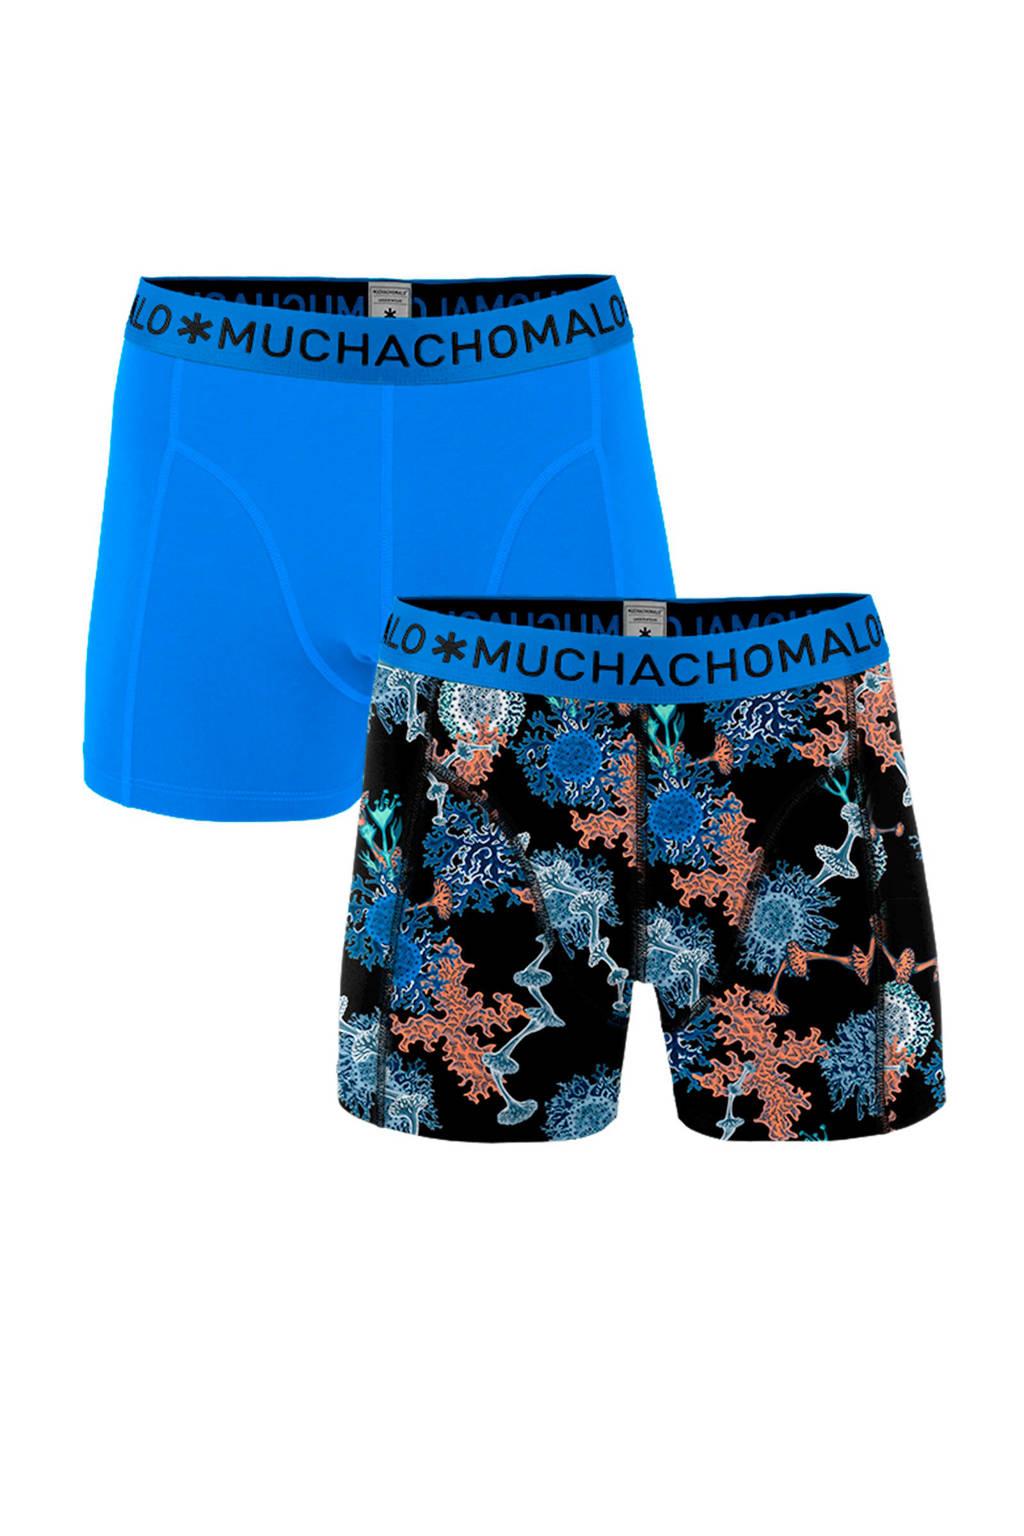 Muchachomalo Junior  boxershort - set van 2 blauw/zwart, Blauw/zwart